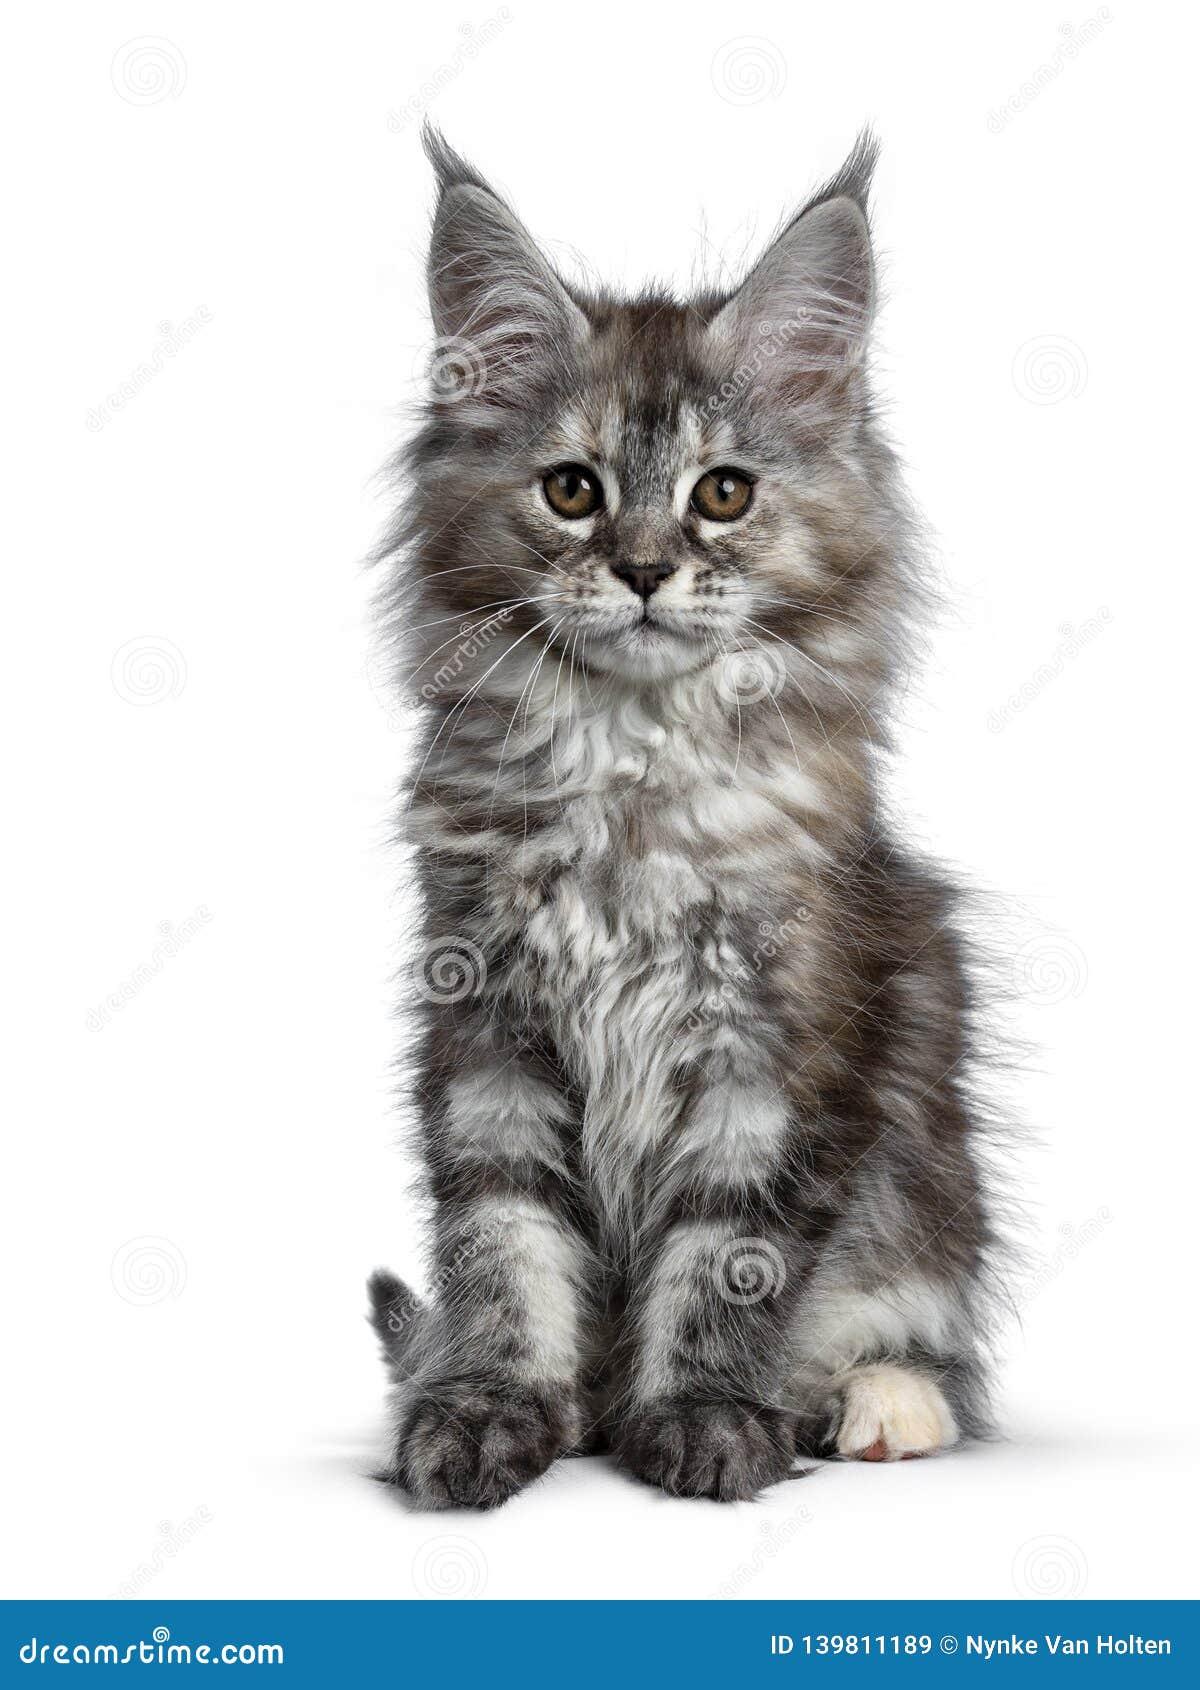 Herrliches nettes Maine Coon-Katzenkätzchen, lokalisiert auf weißem Hintergrund